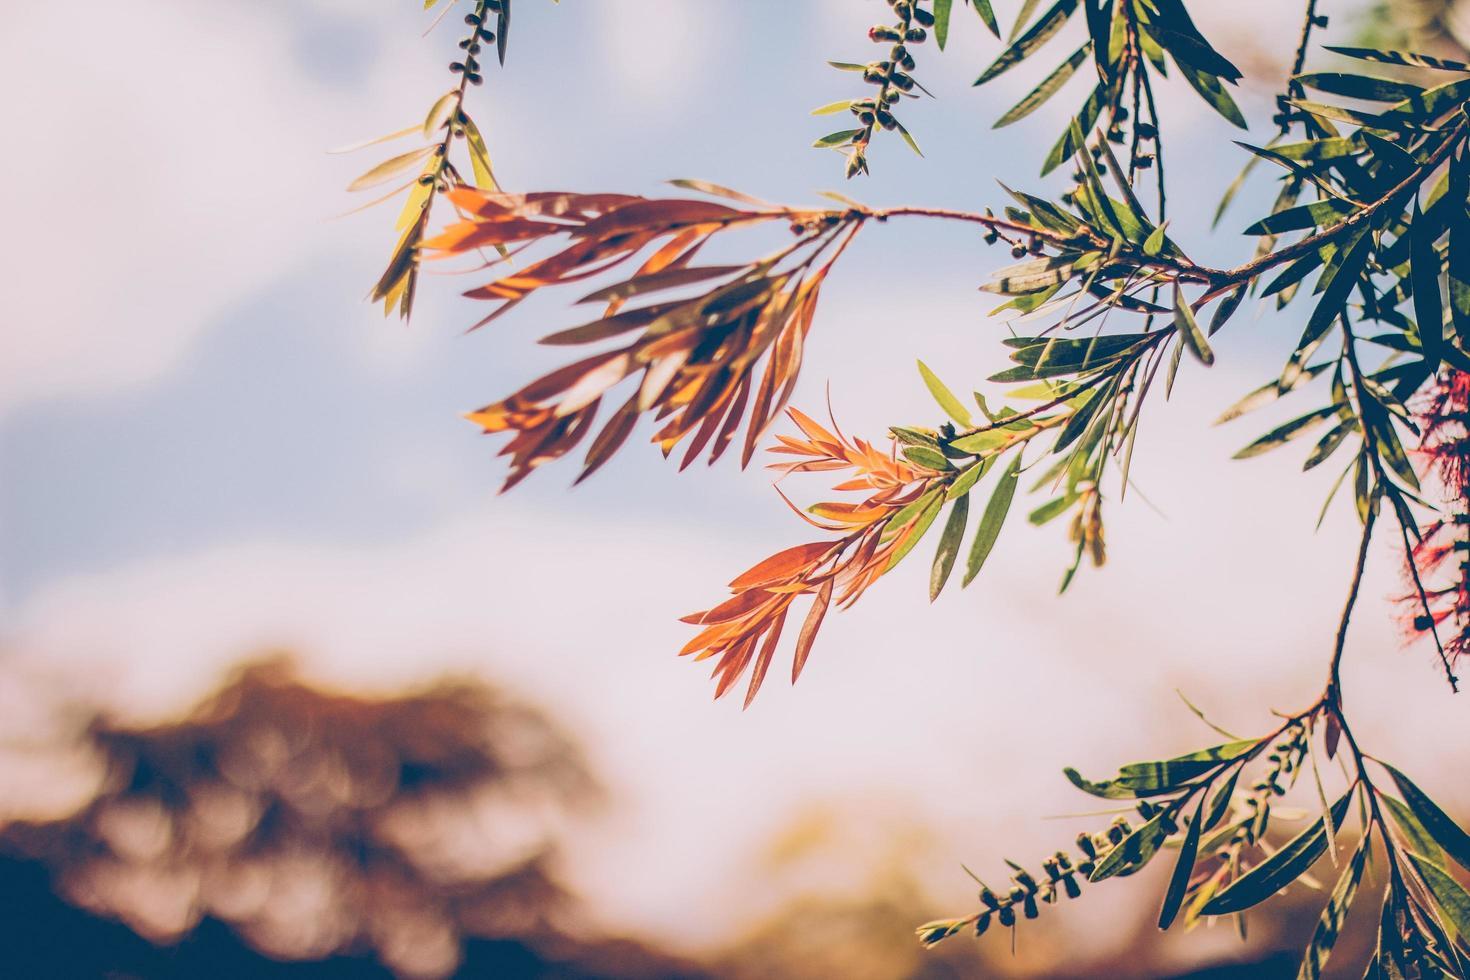 branche d'arbre orange et vert photo